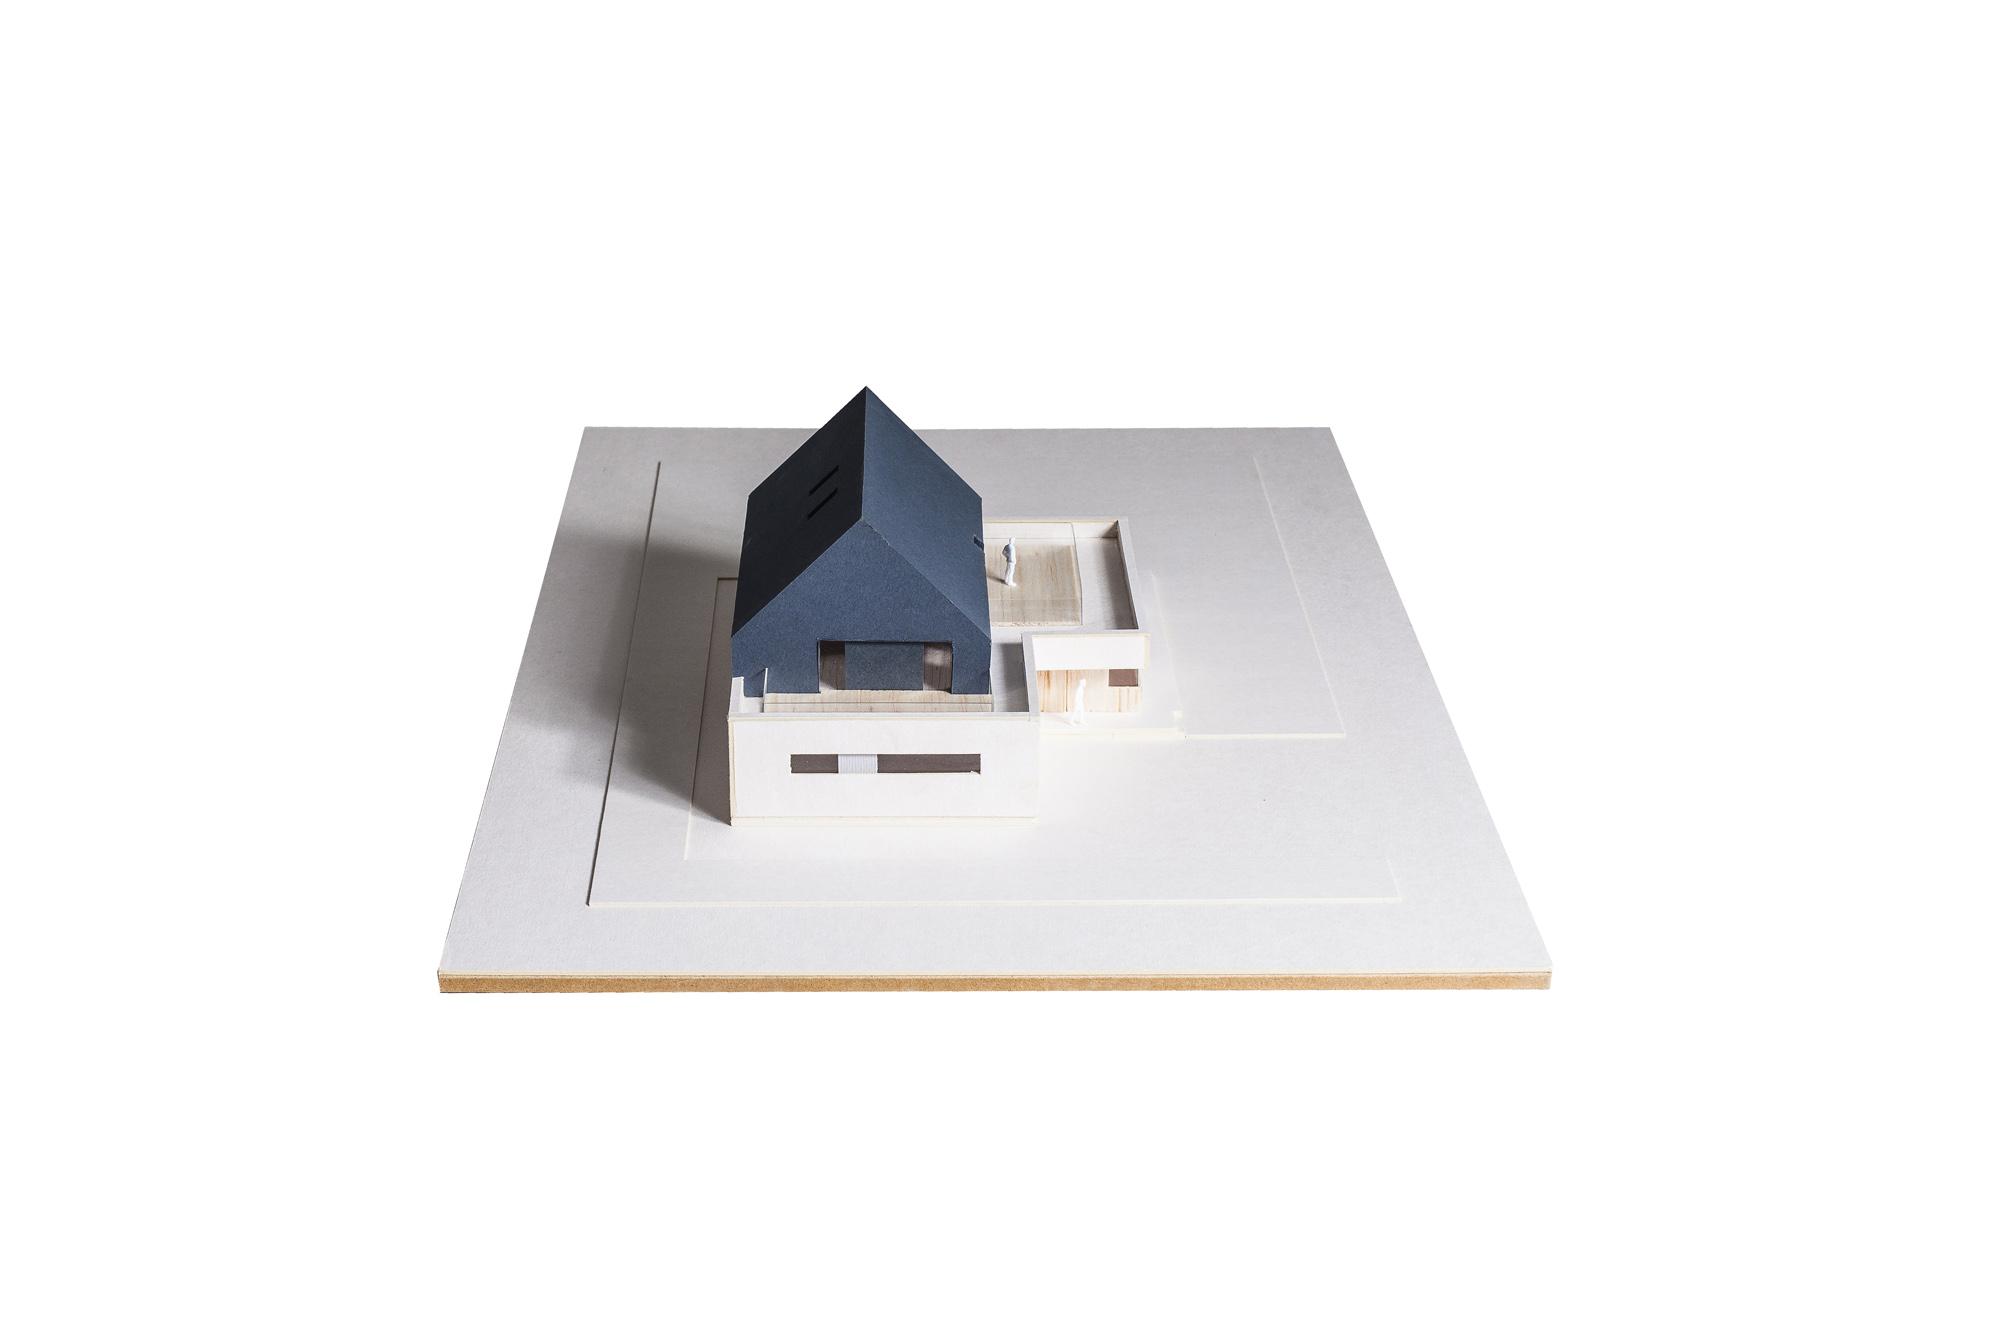 MLC-ZLO-dom-model-08w copy